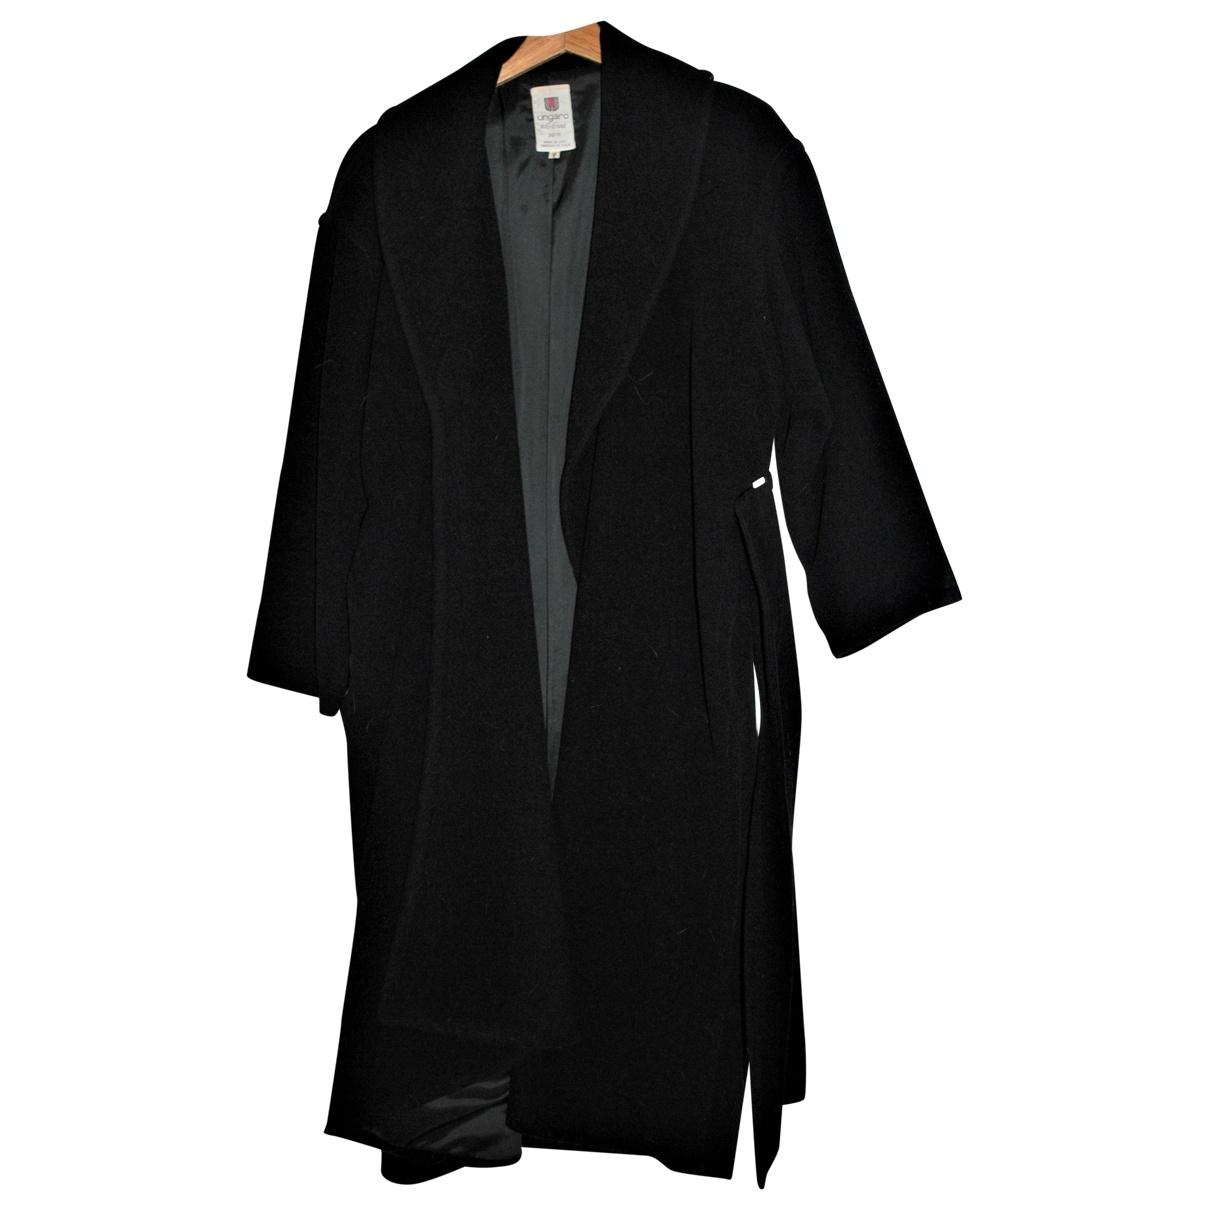 Emanuel Ungaro - Manteau   pour femme en laine - noir